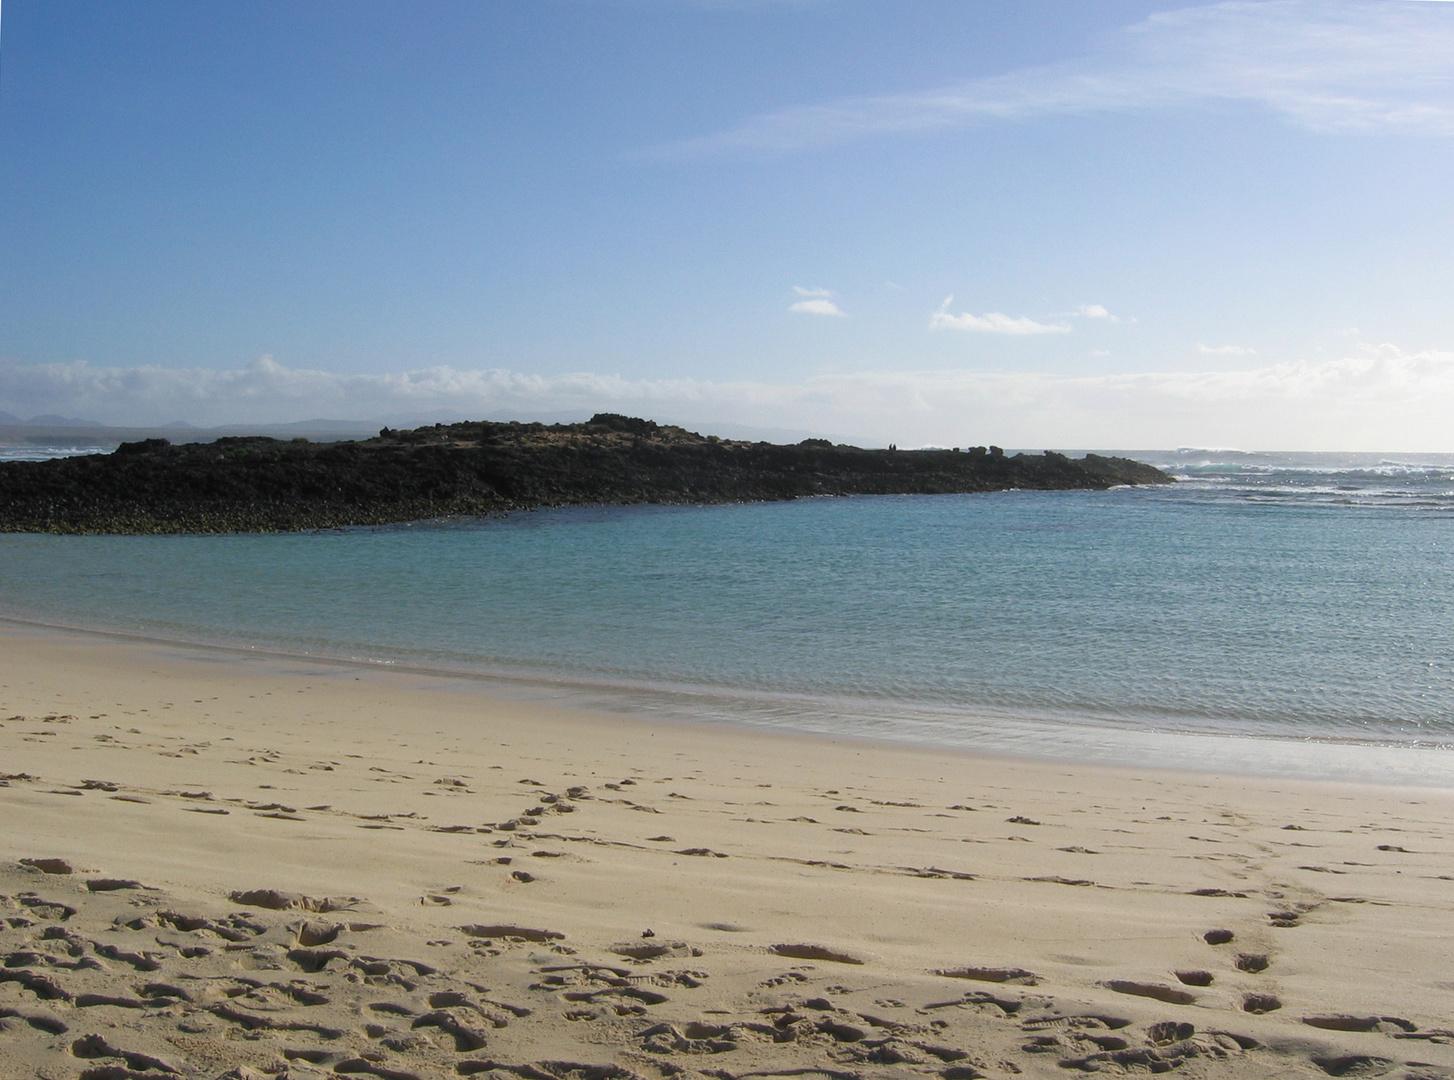 Beach near El Cotillo